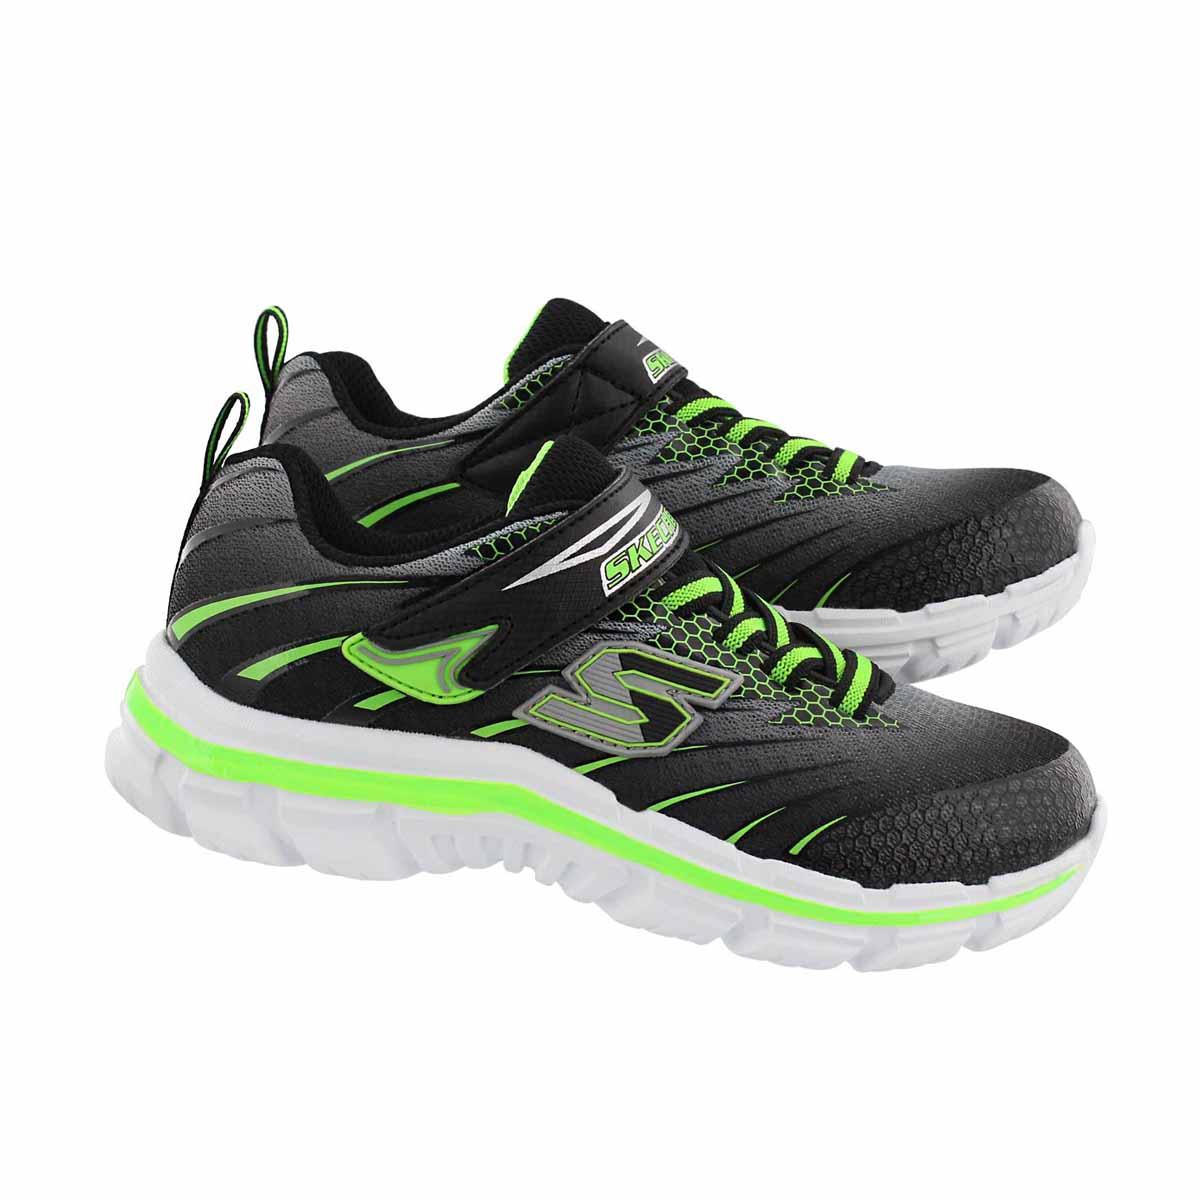 Bys Nitrate Pulsar blk/grn sneaker